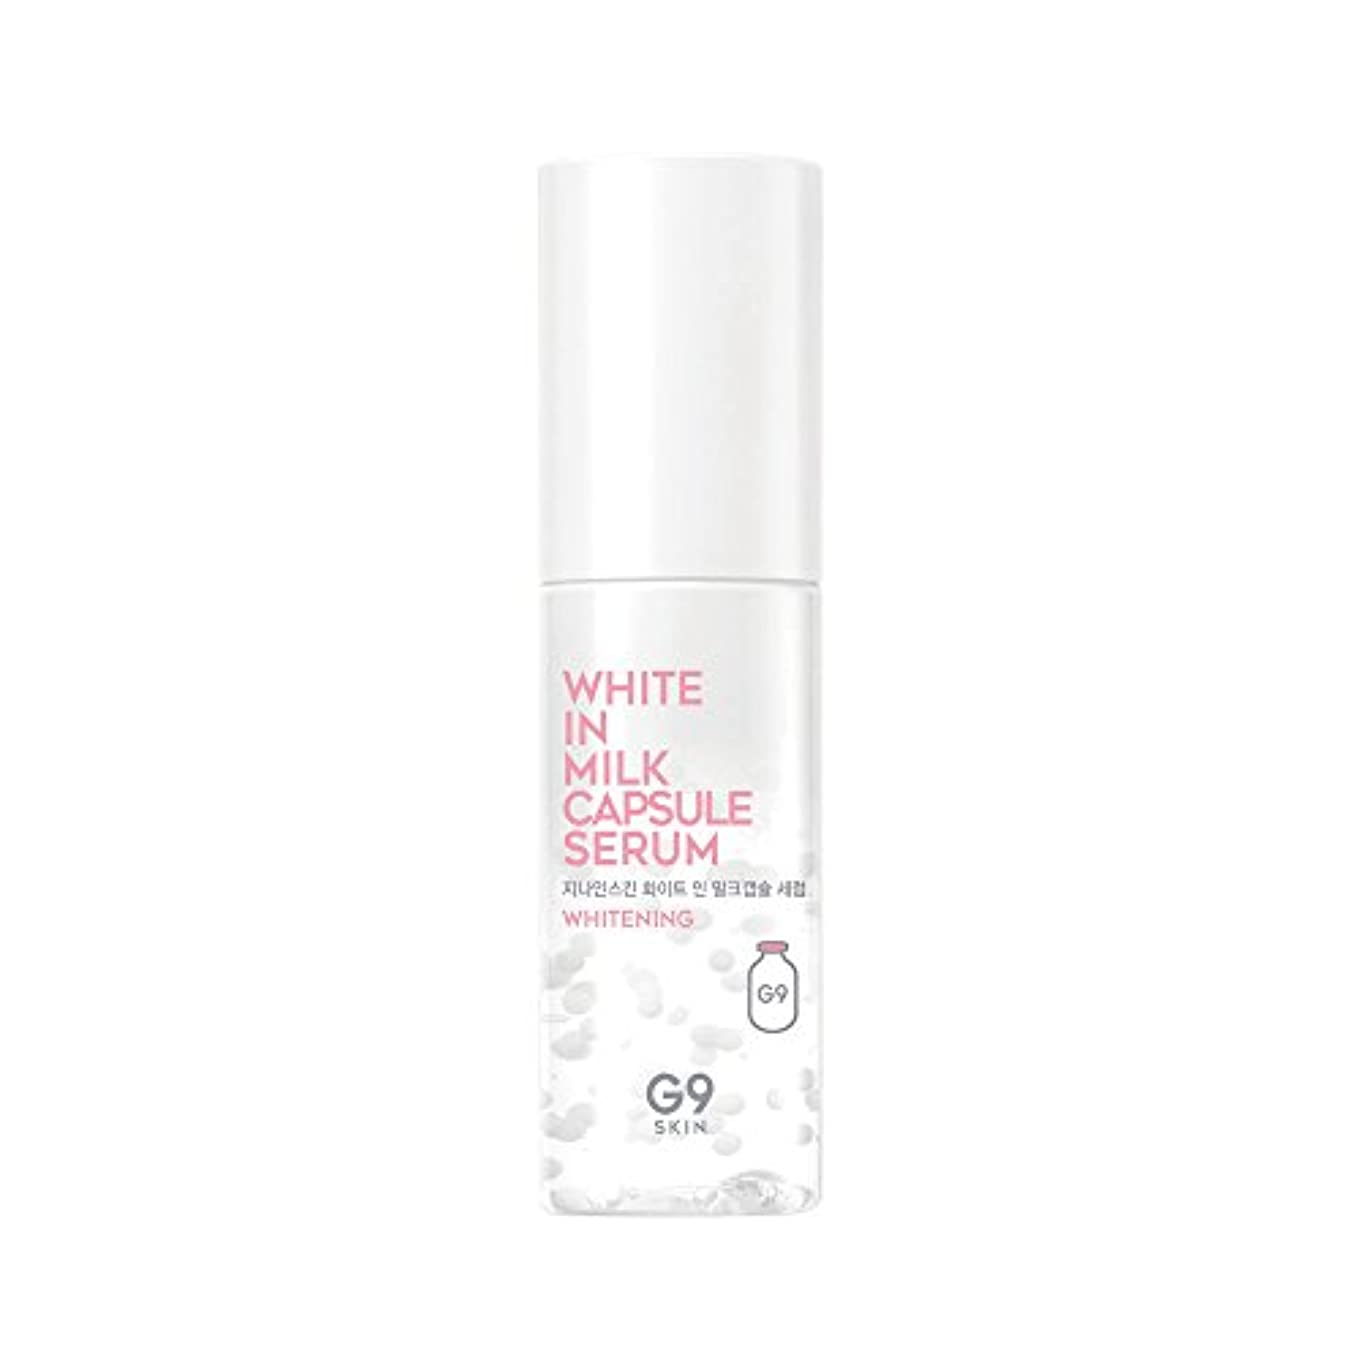 乳白色意志フロンティアG9SKIN(ベリサム) White In Milk Capsule Serum ホワイインミルクカプセルセラム 50ml